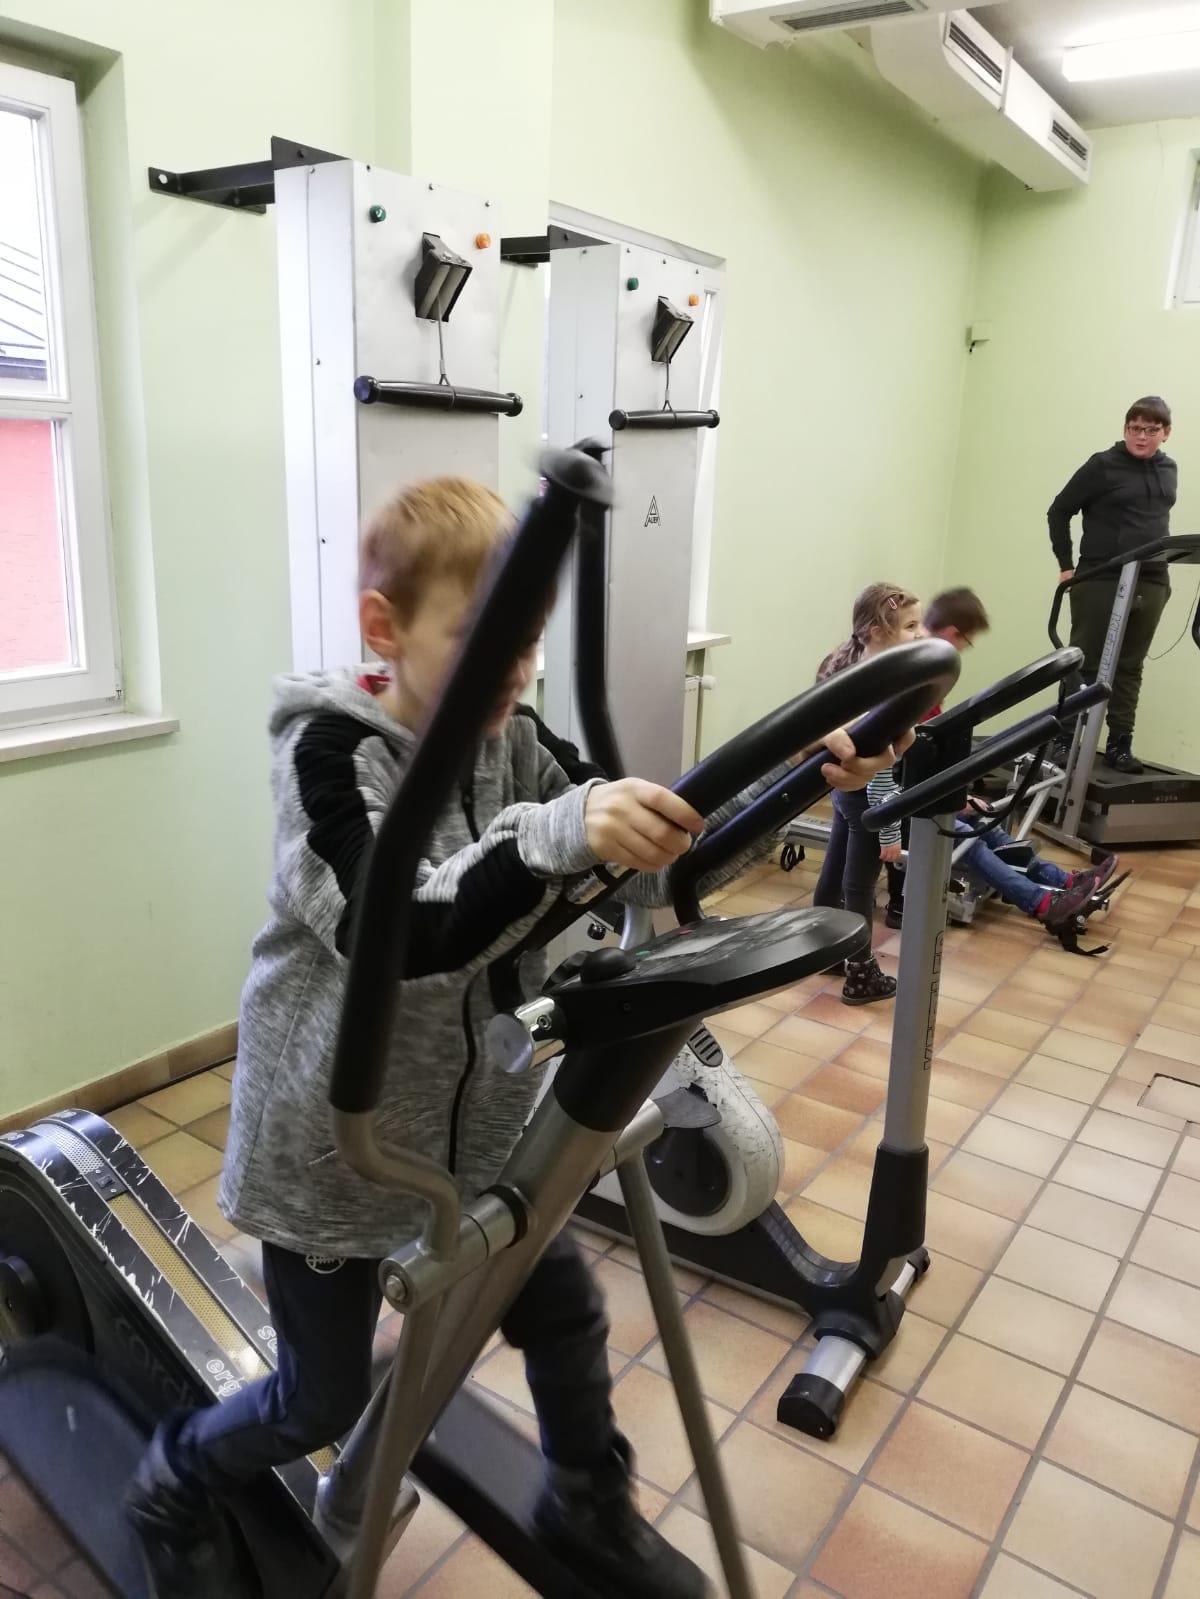 Ausflug Kinderfeuerwehr – Atemschutzstrecke